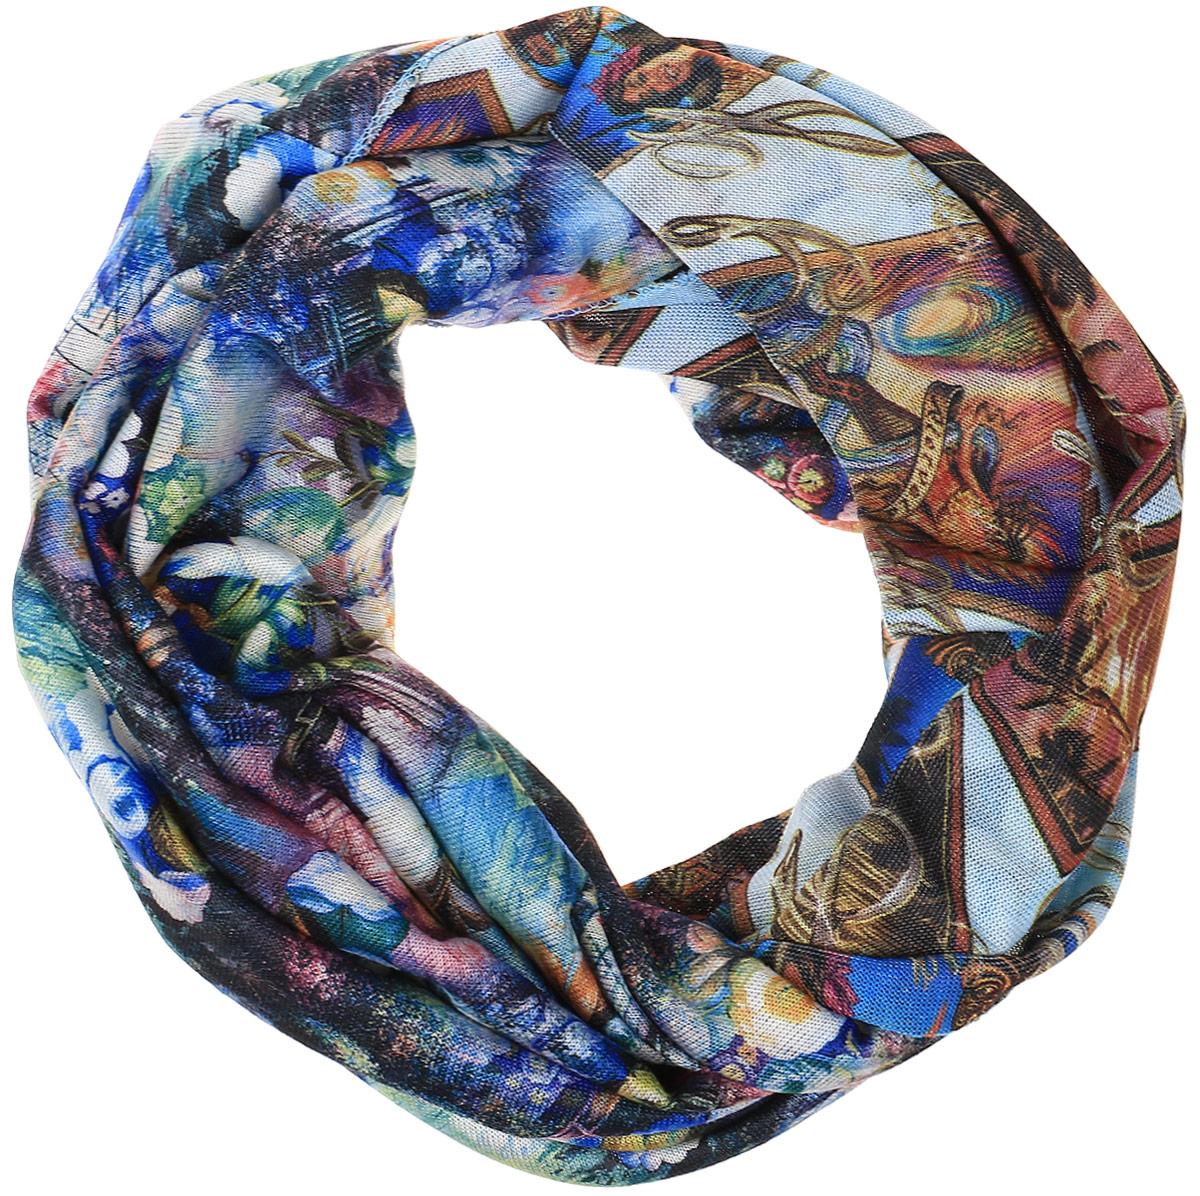 Снуд-хомут женский Vita Pelle, цвет: синий, коричневый. Ro01R2359-A3757-3. Размер 45 см х 70 смRo01R2359-A3757-3Легкий снуд-хомут от Vita Pelle выполнен из двустороннего трикотажного полотна и оформлен цветочным принтом. Кромка обработана оверлоком.